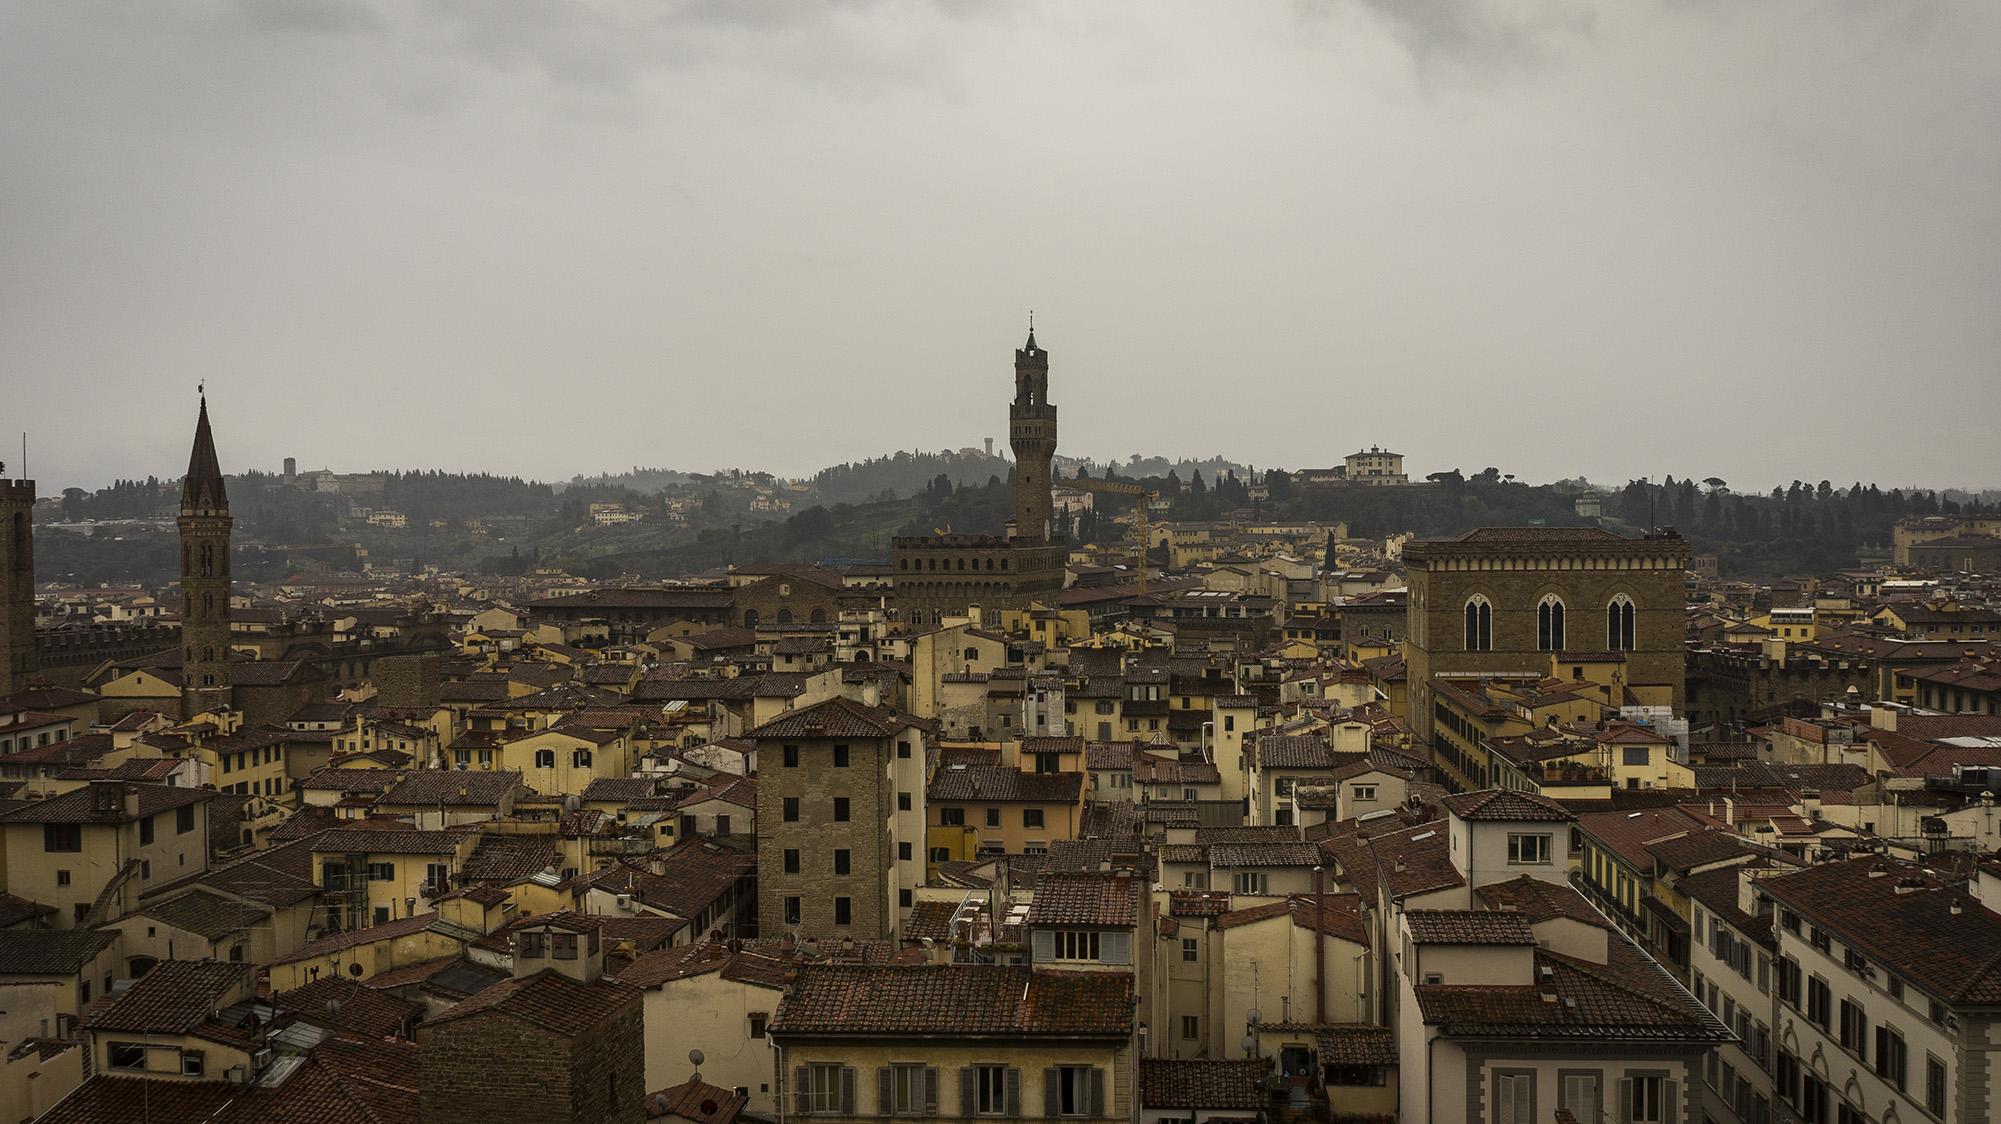 Достопримечательности Флоренции: колокольня - Кампанила Джотто